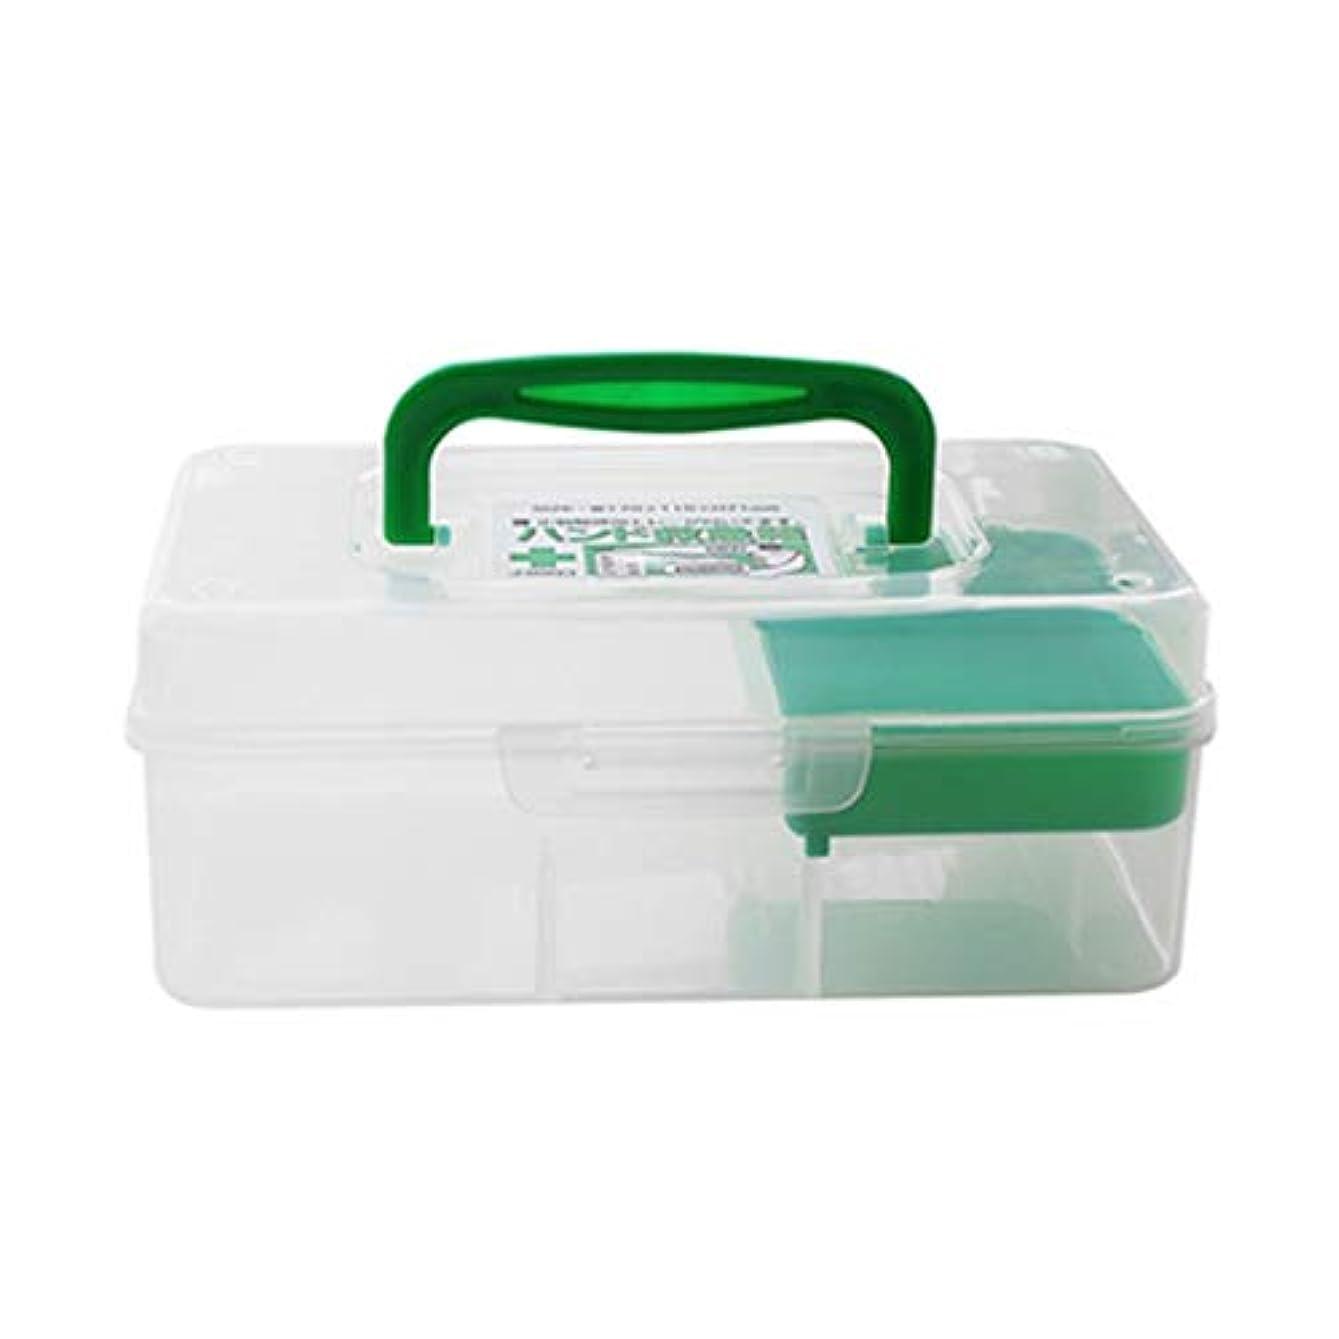 ブラザー娘シアーミニ応急処置キットポータブル薬箱プラスチック家庭用薬収納ボックス17.9 x 11.5 x 7 cm LXMSP